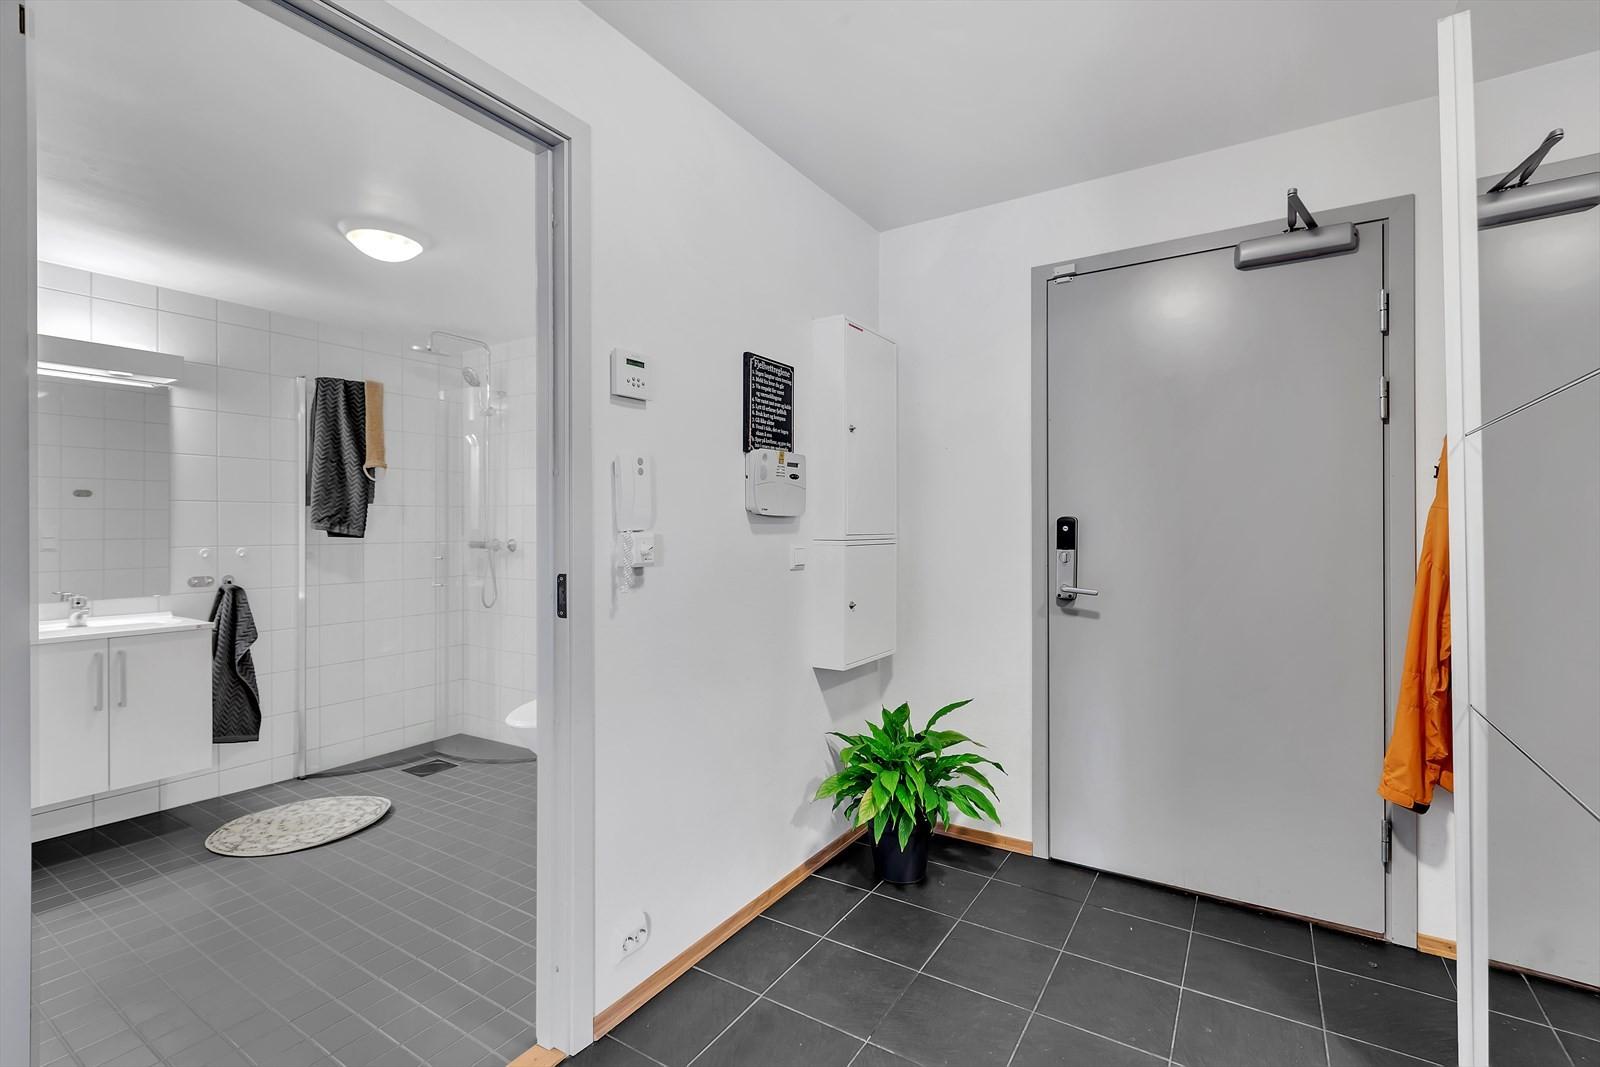 Romslig entre med flislagt gulv og garderobe.